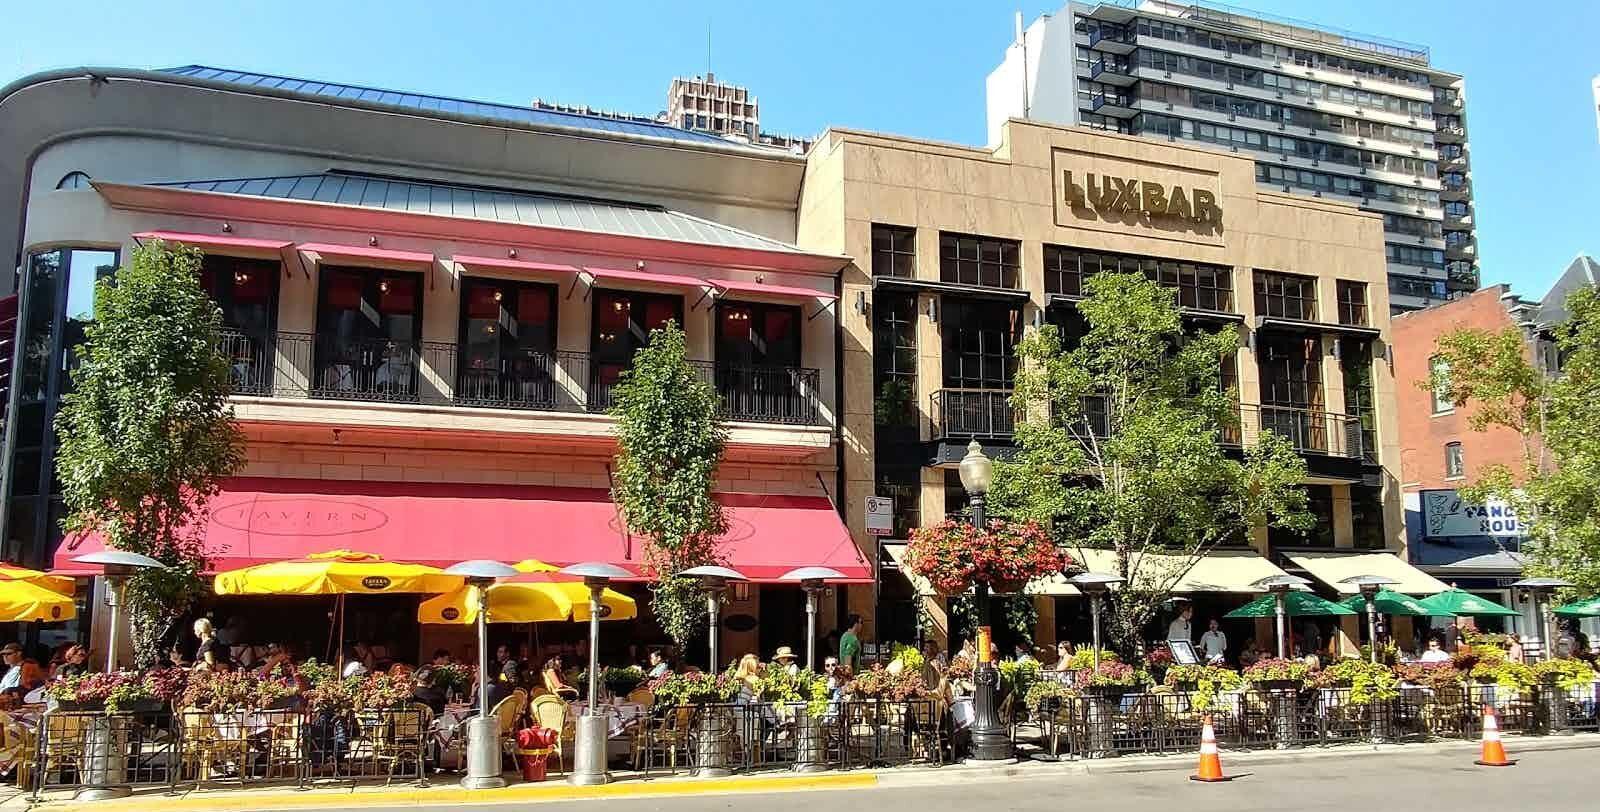 summer sidewalk dining outside of LuxBarr